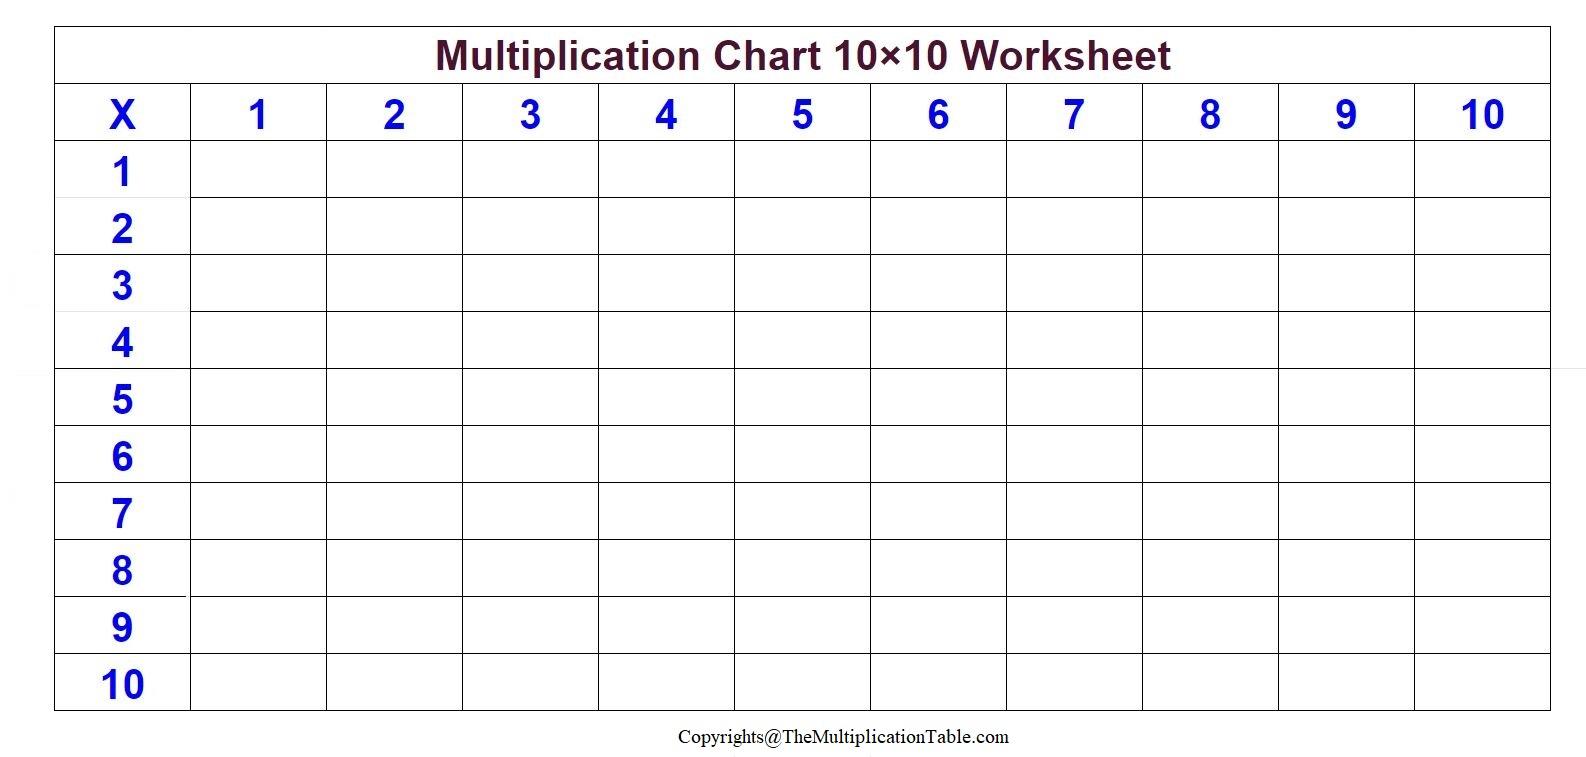 Multiplication Chart 10×10 Worksheet